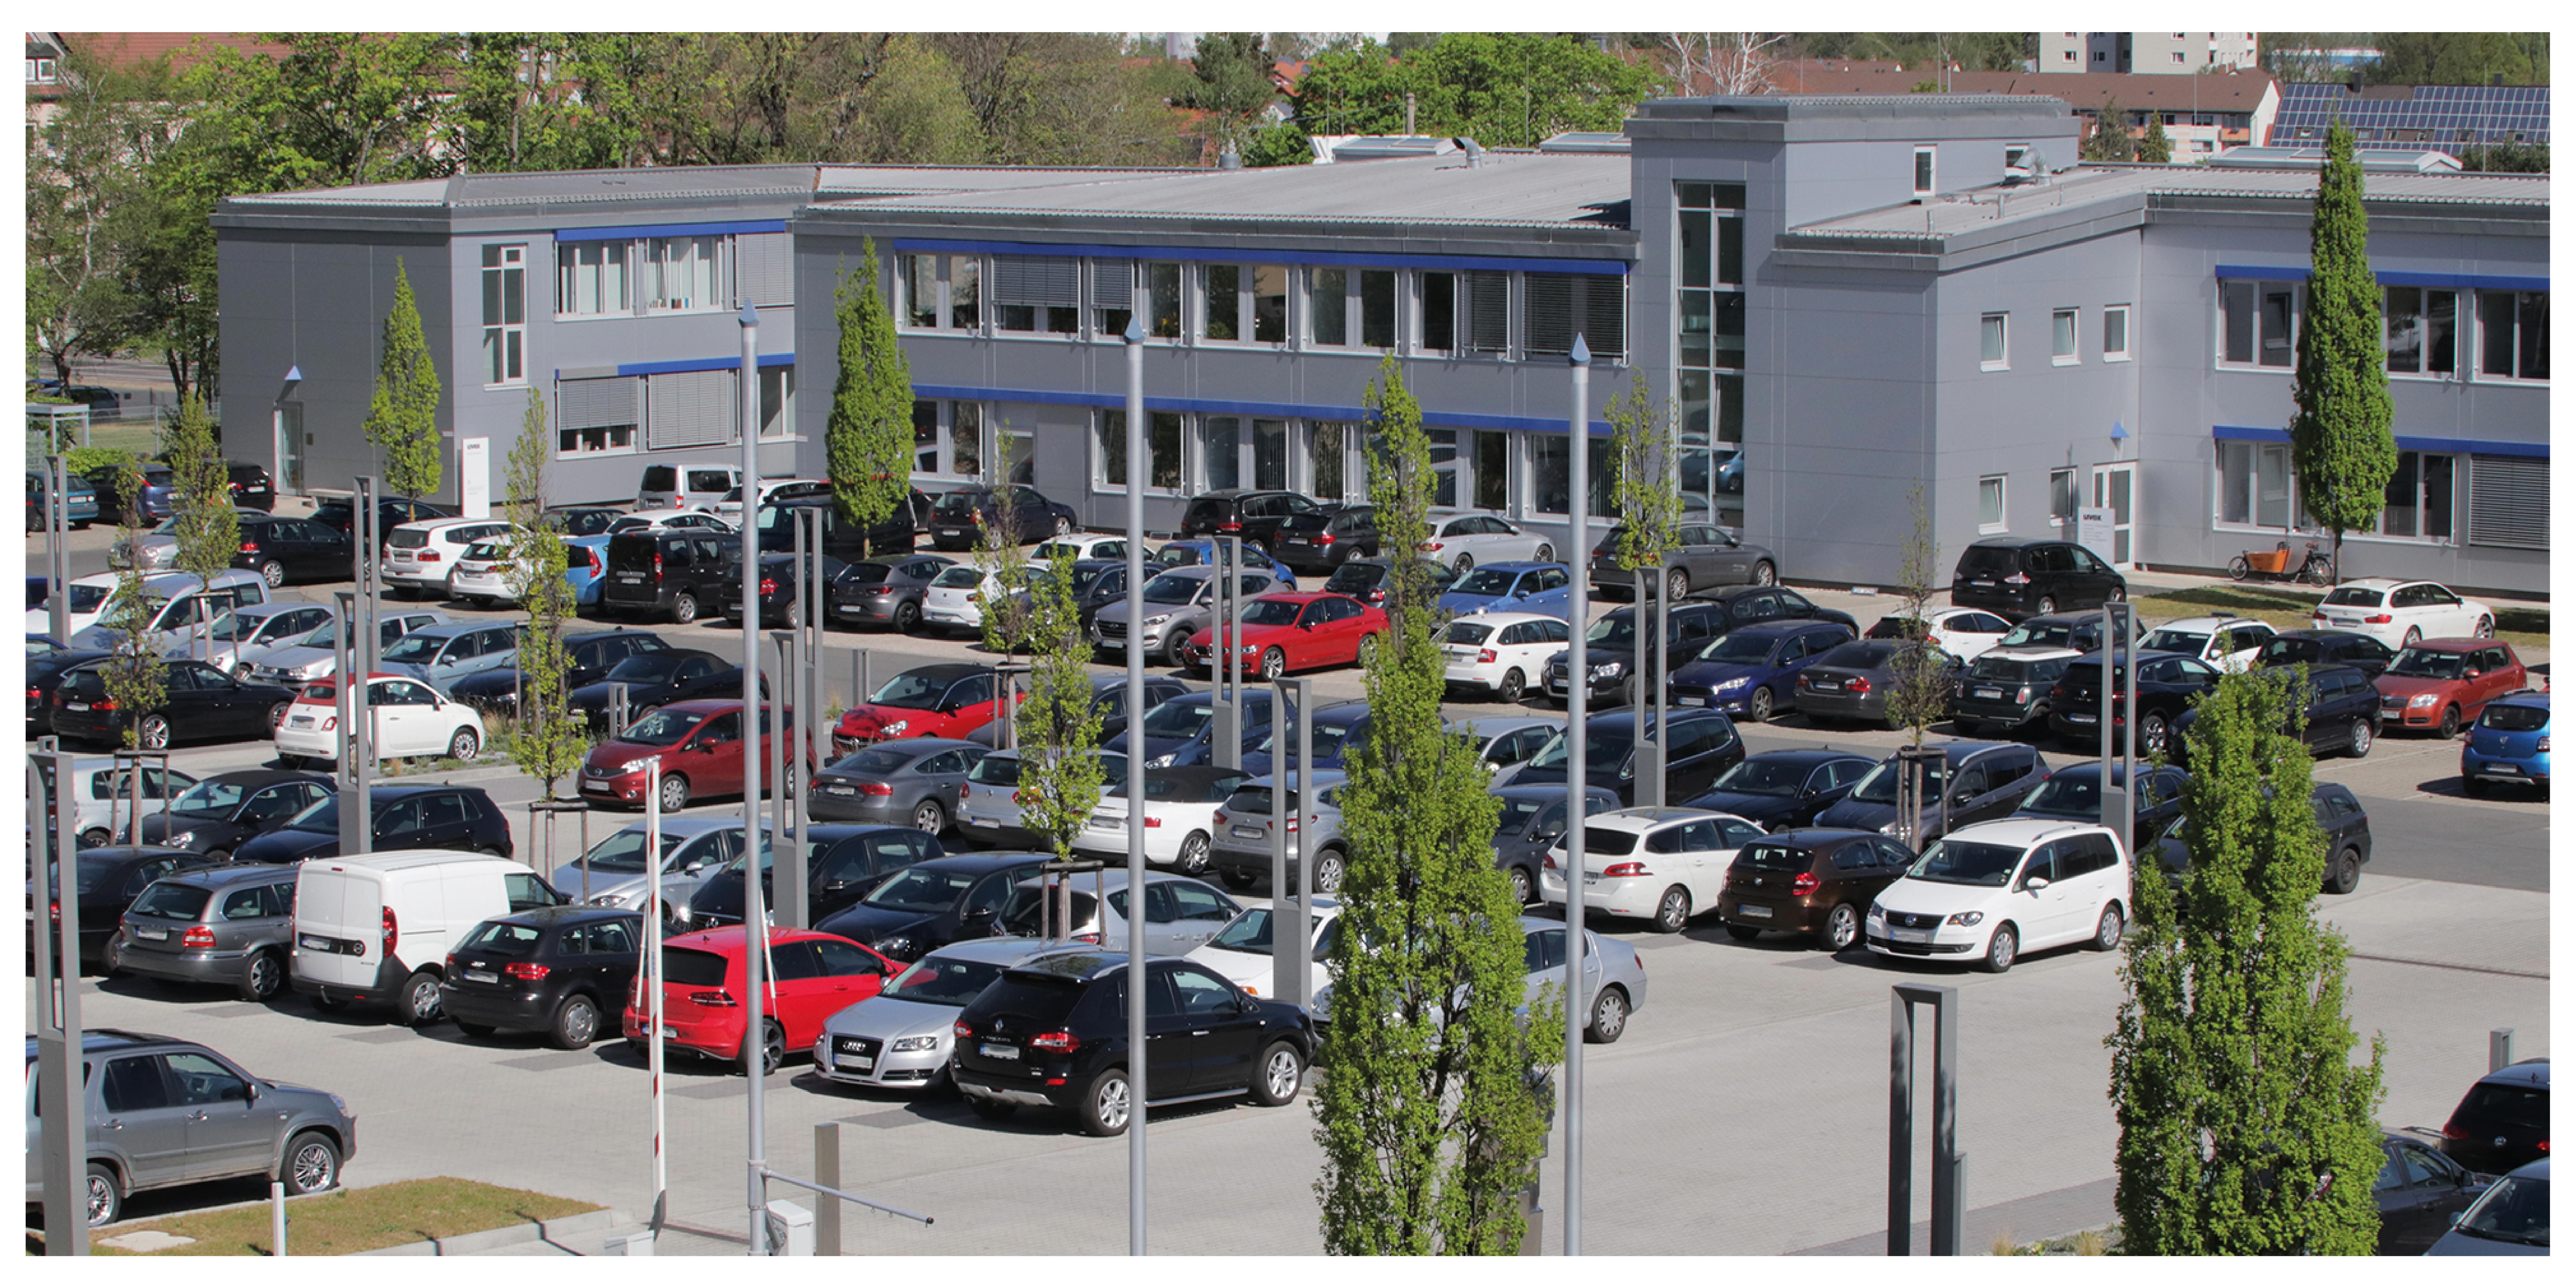 Parkplatz in Fürth beim Headquater der uvex group in der Würzburgerstraße